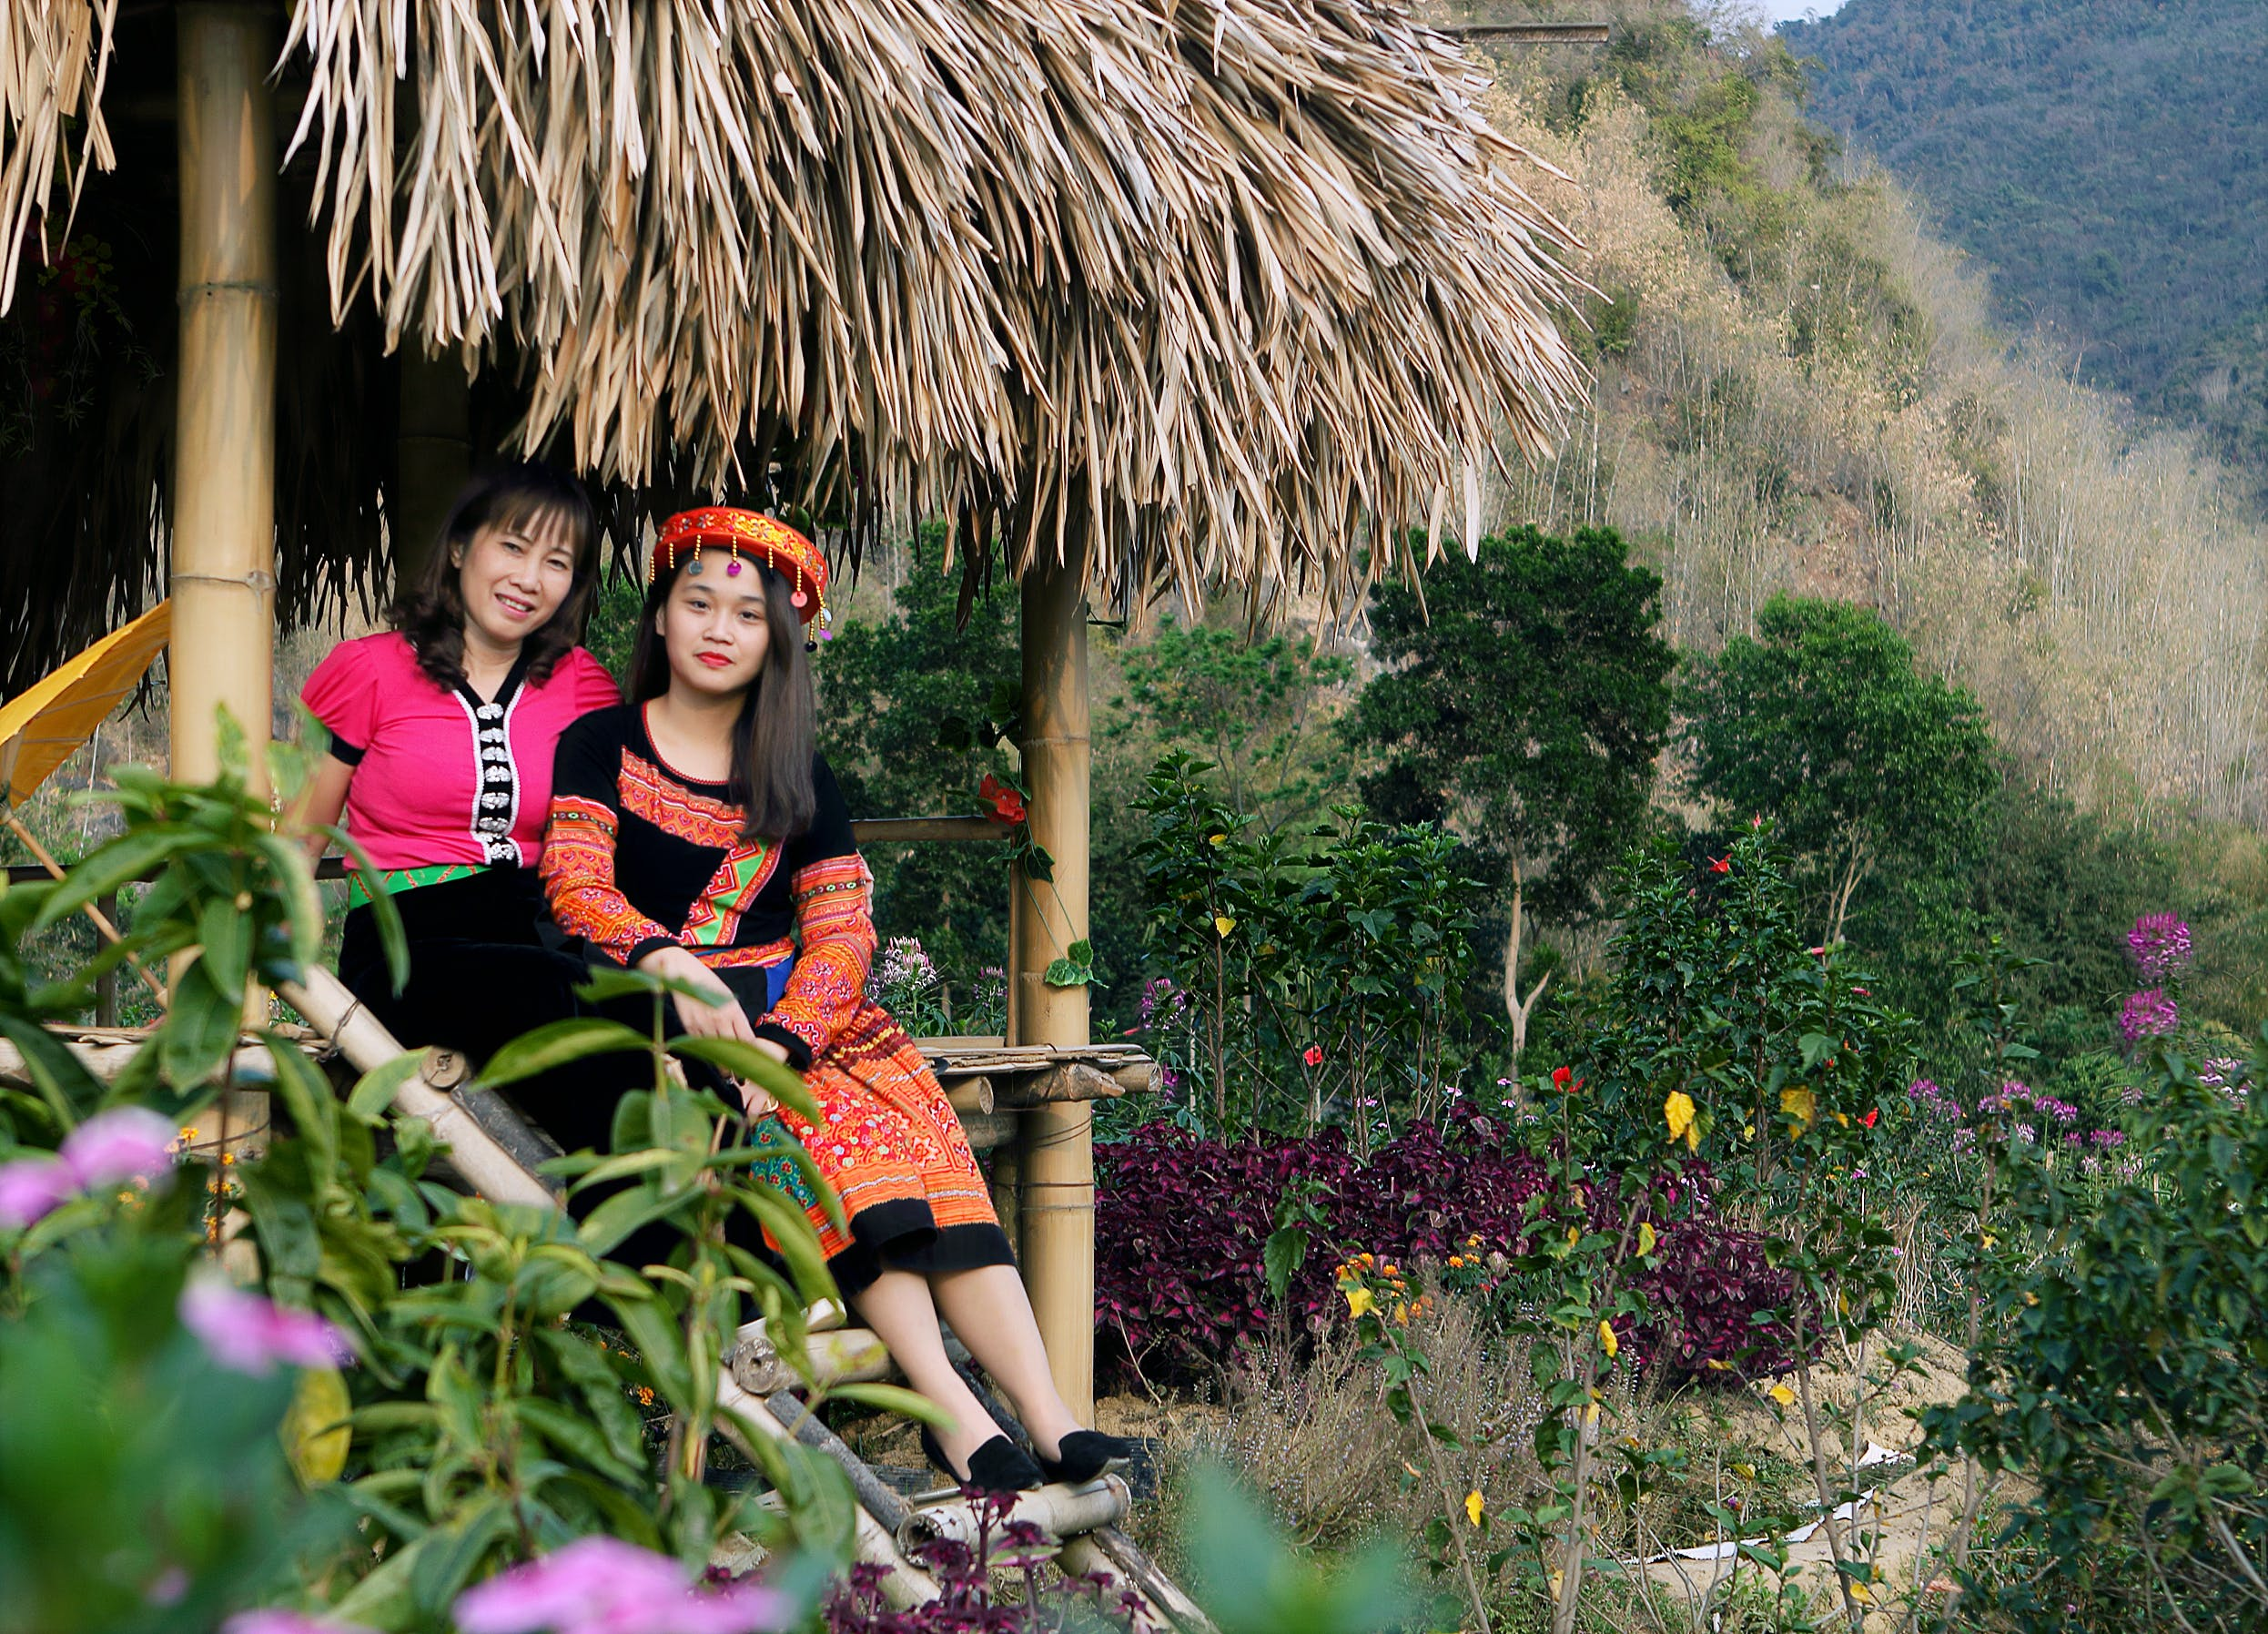 Δωρεάν στοκ φωτογραφιών με nipa hut, Άνθρωποι, βουνό, γυναίκες